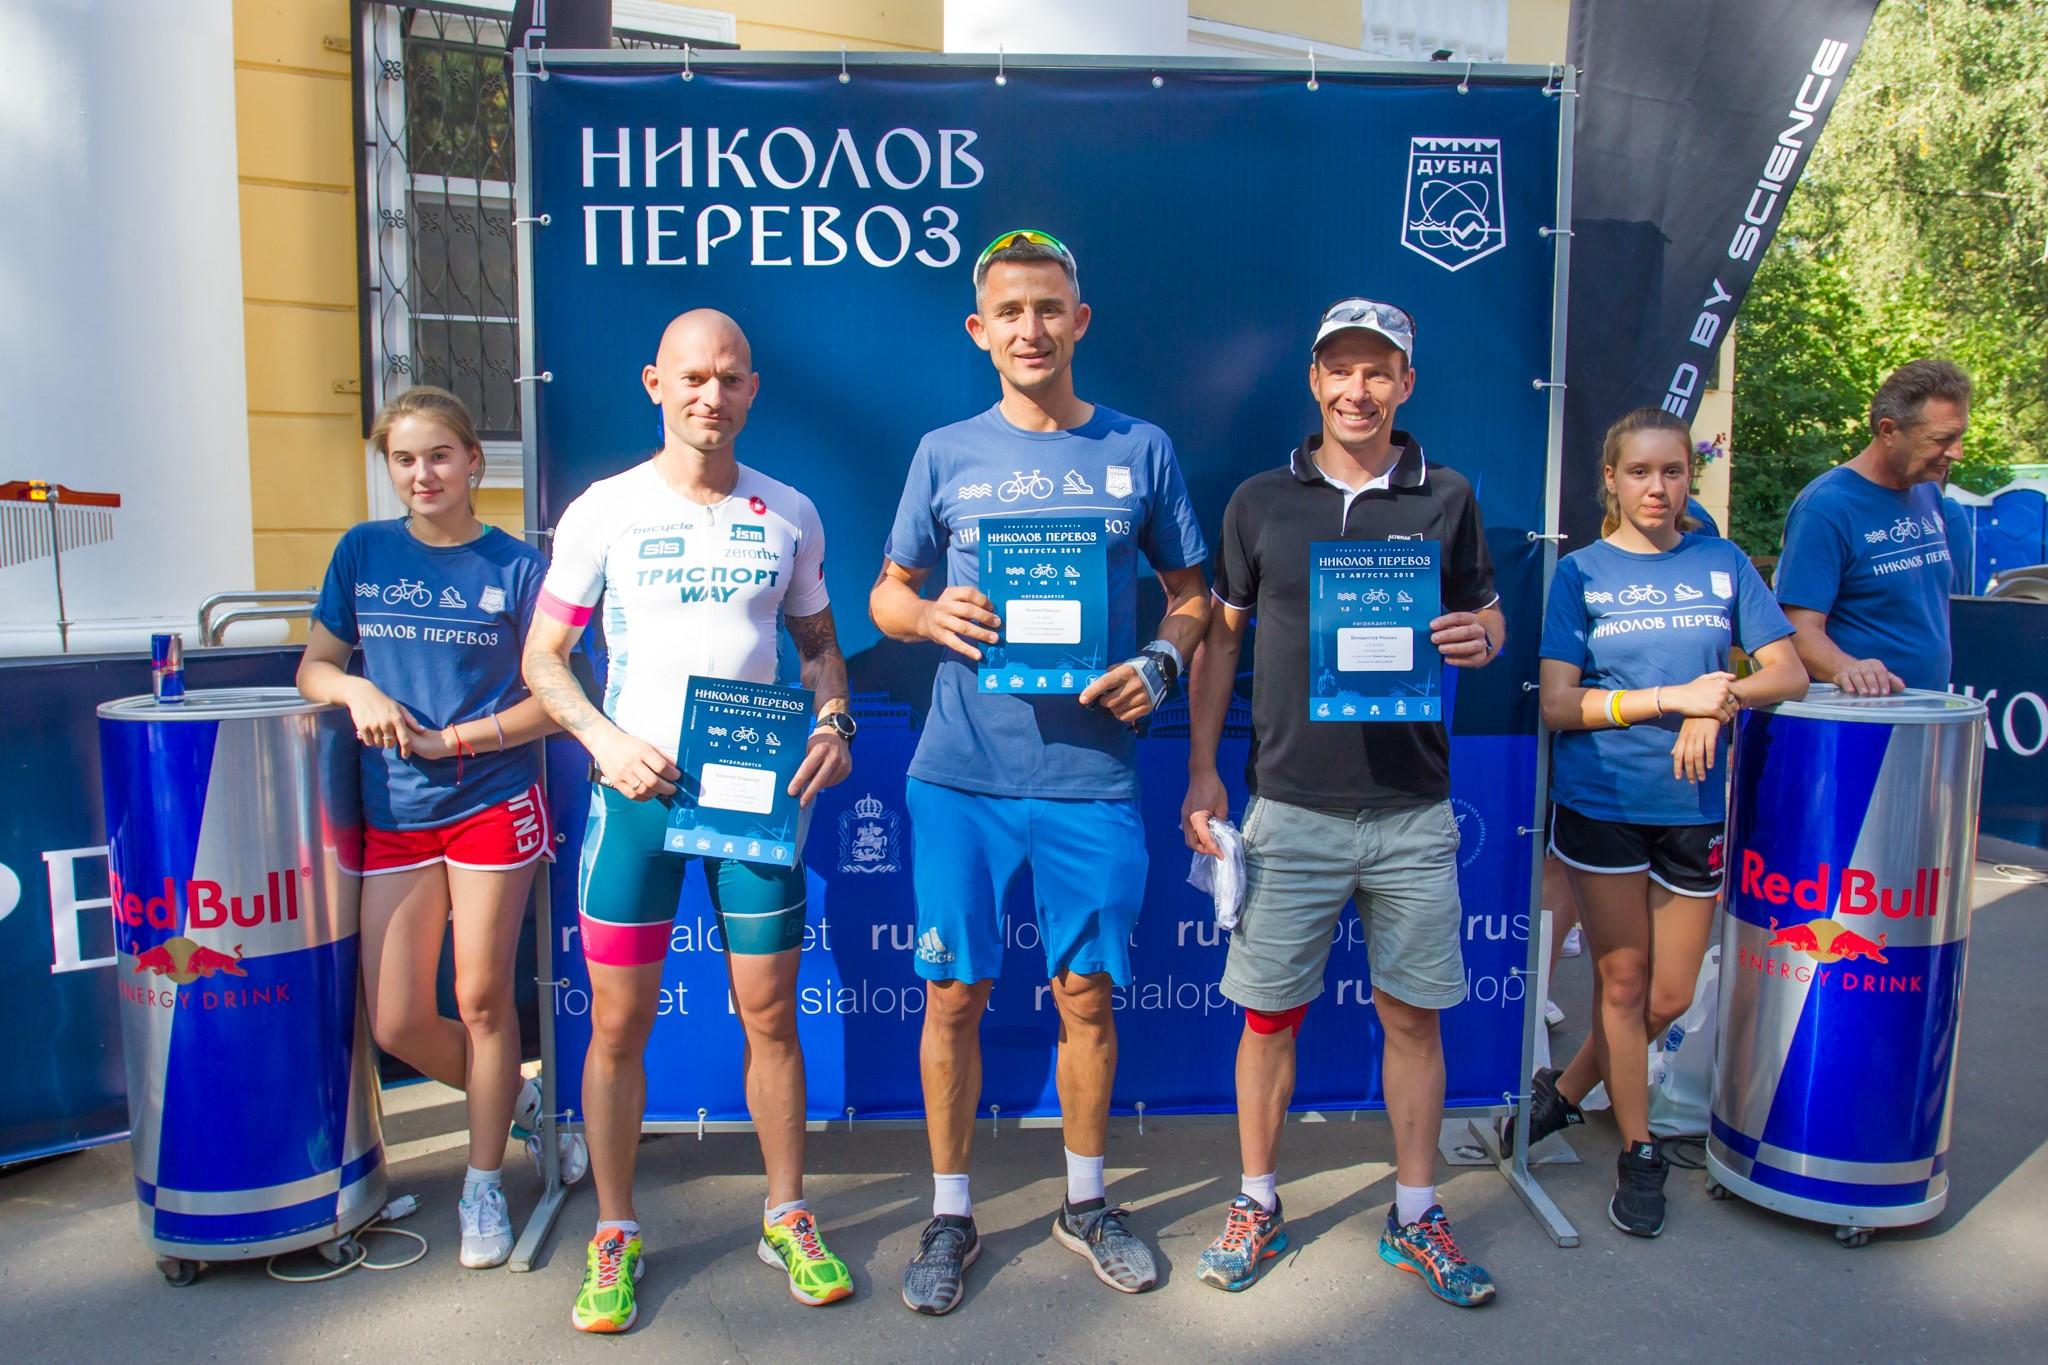 """Награждение триатлона """"Николов Перевоз"""" в Дубне"""